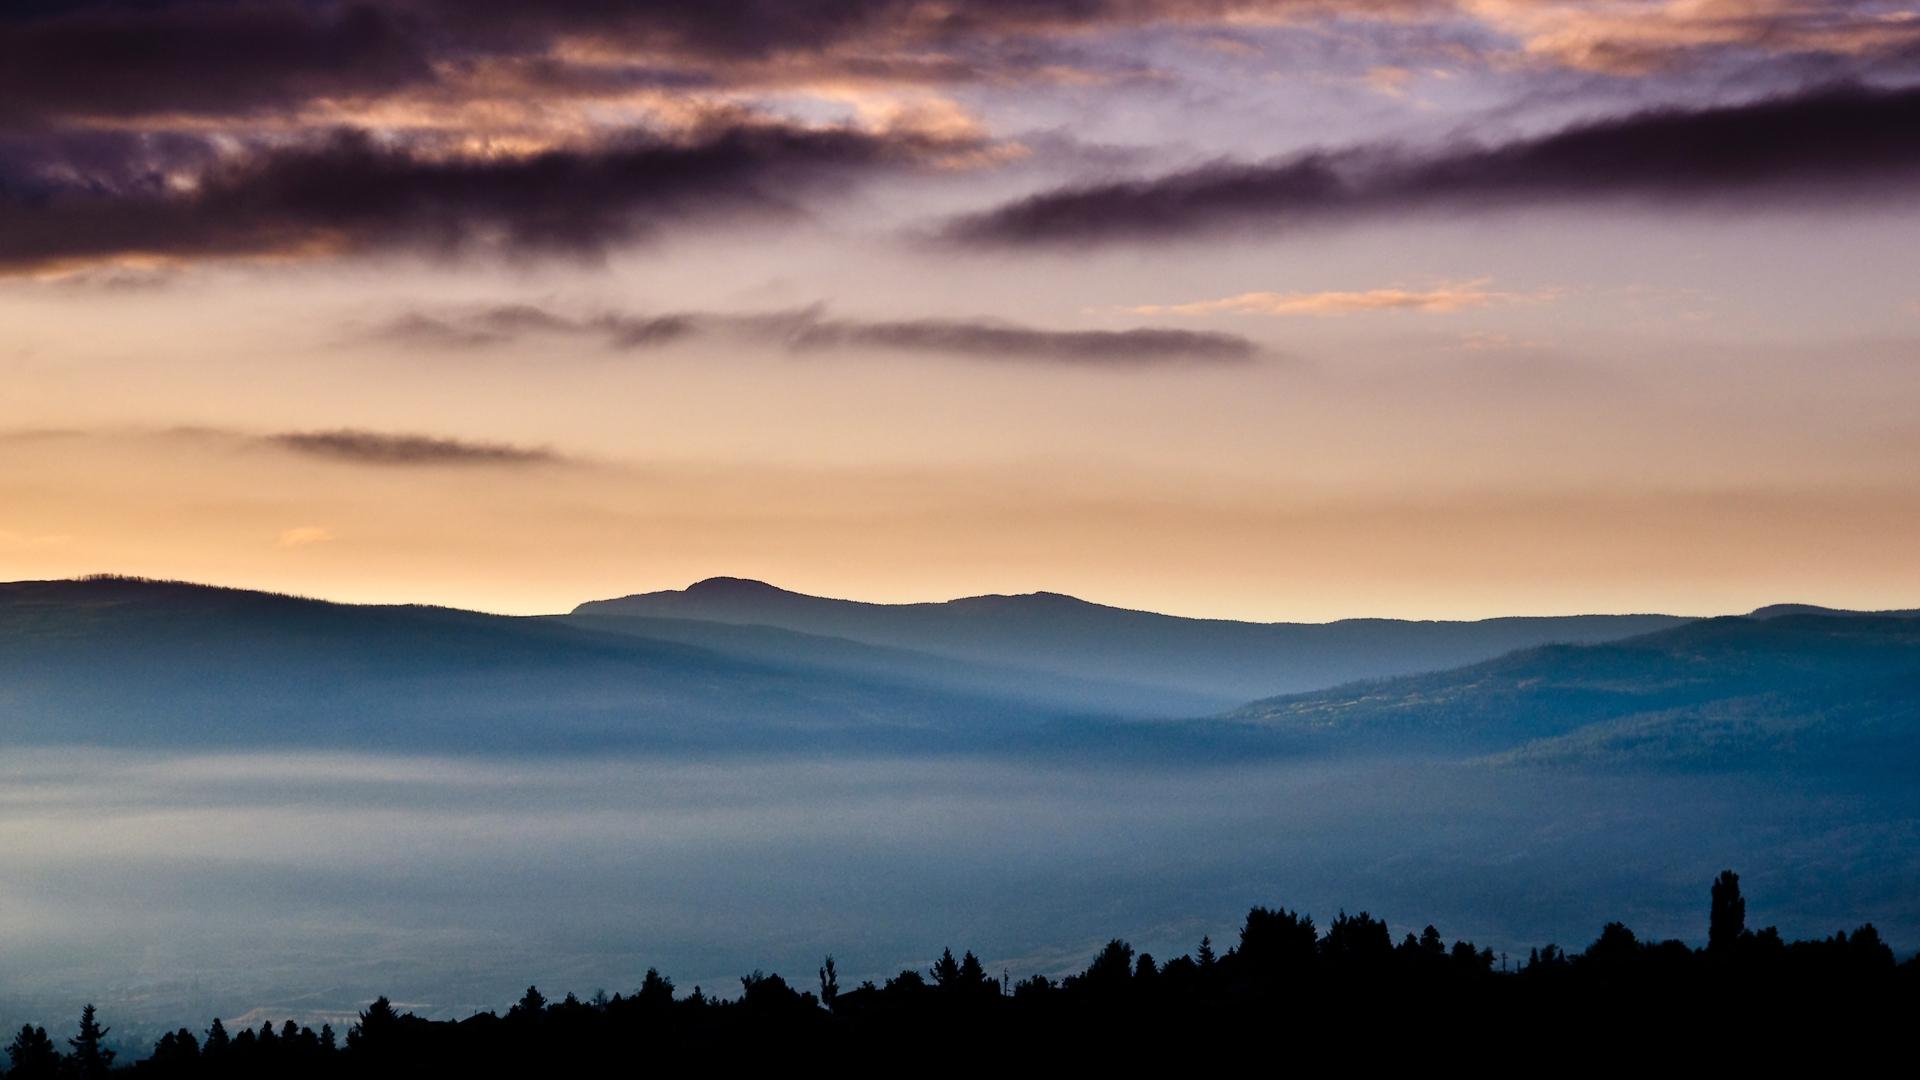 25925 скачать обои Пейзаж, Закат, Небо, Горы, Облака - заставки и картинки бесплатно